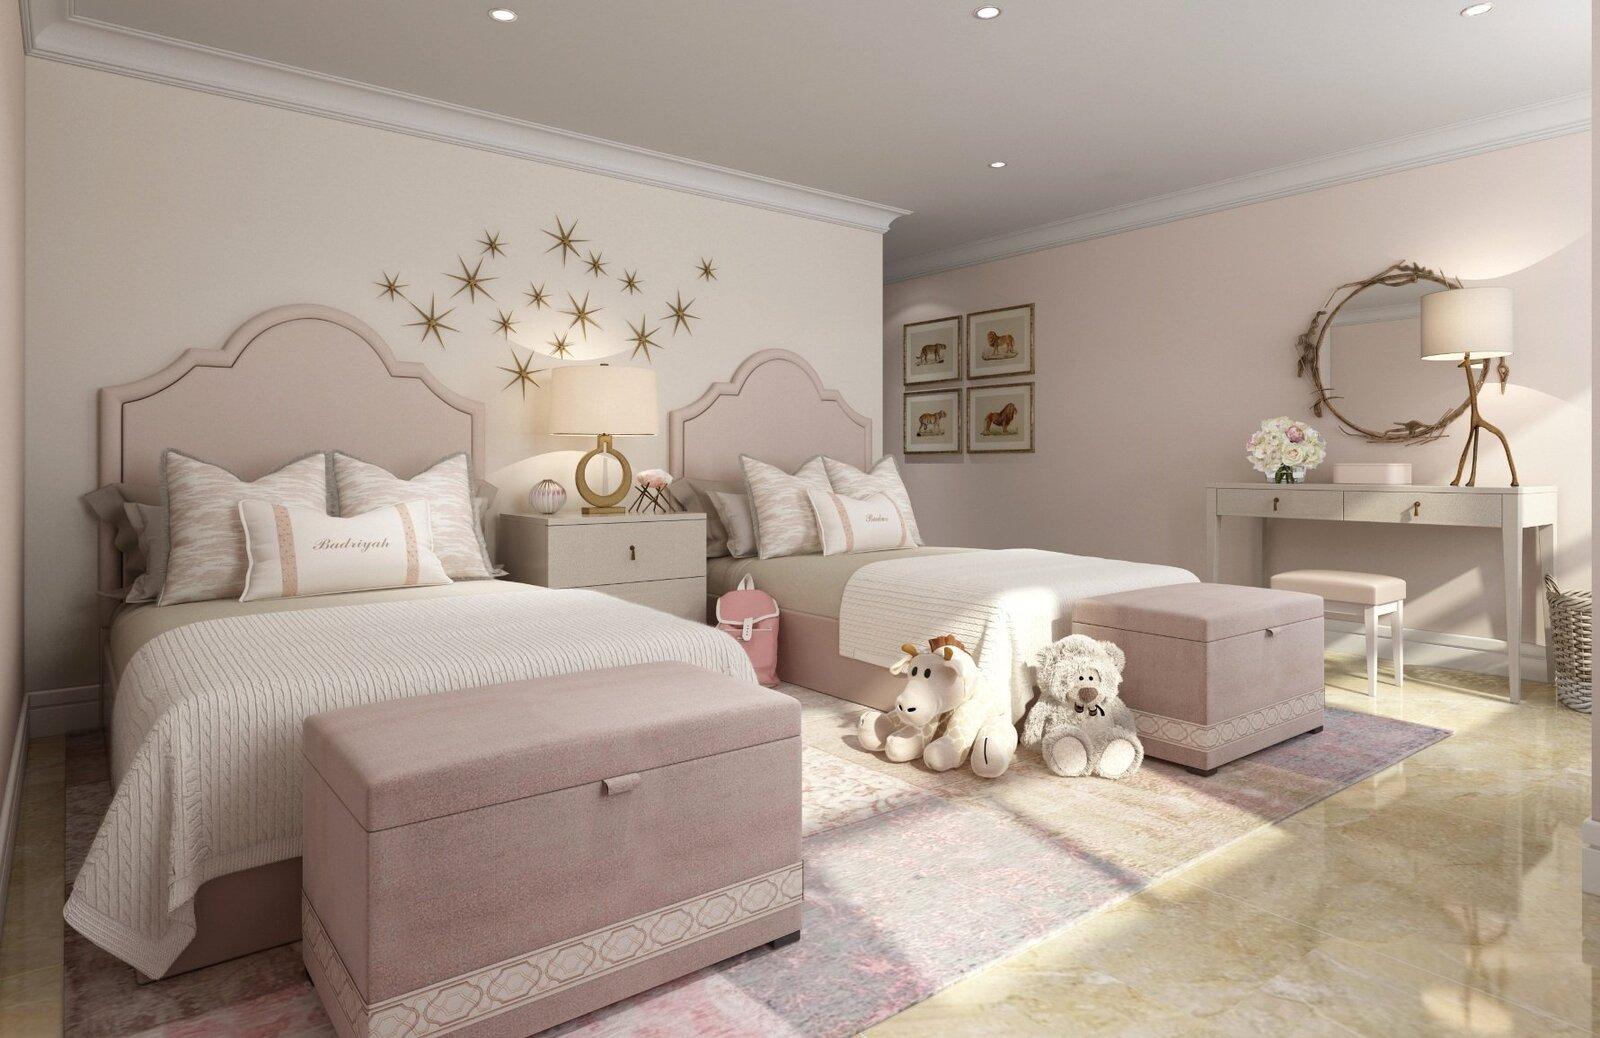 edroom_Ideas___Girl_Boy_Room_Designs___LuxDeco.com.jpg